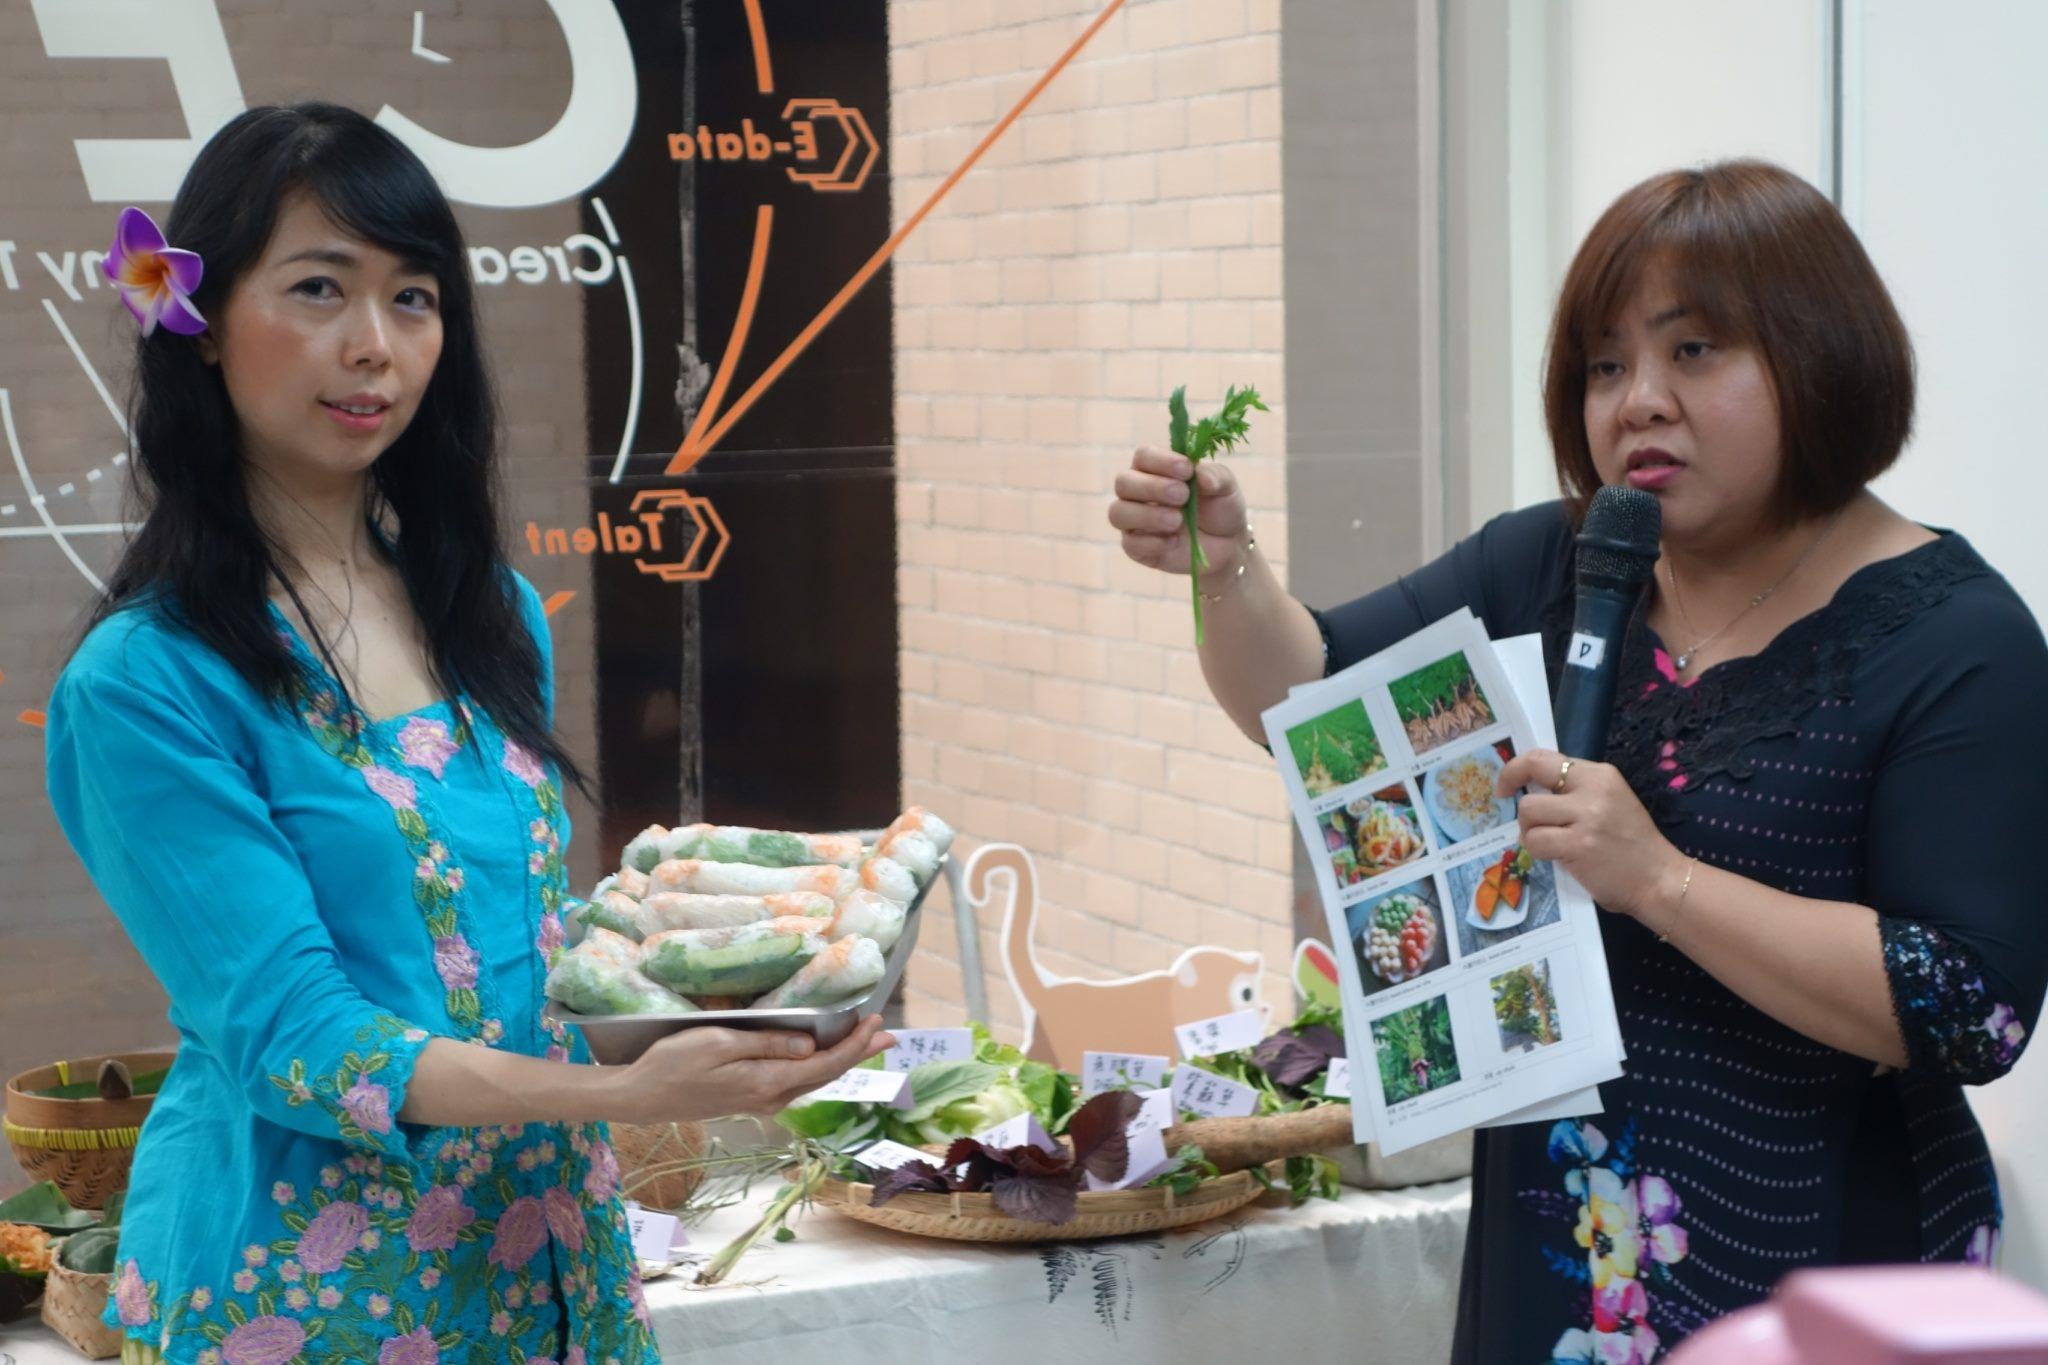 來自印尼及越南的新移民介紹東南亞餐桌飲食特色暨生物多樣性